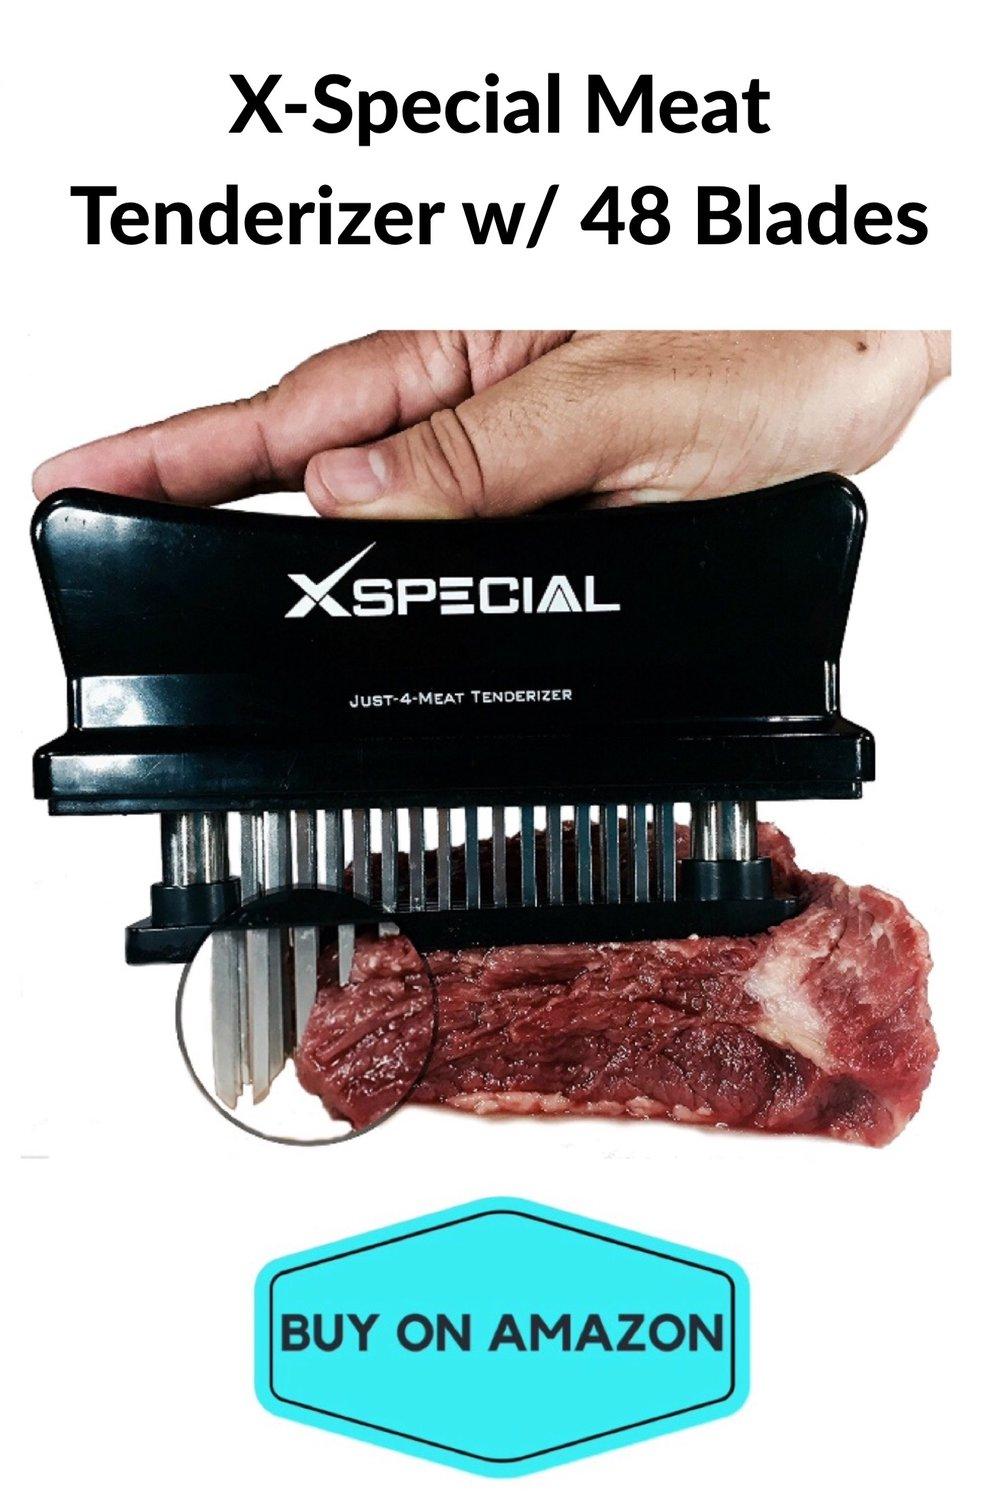 X-Special Meat Tenderizer w/ 48 Blades